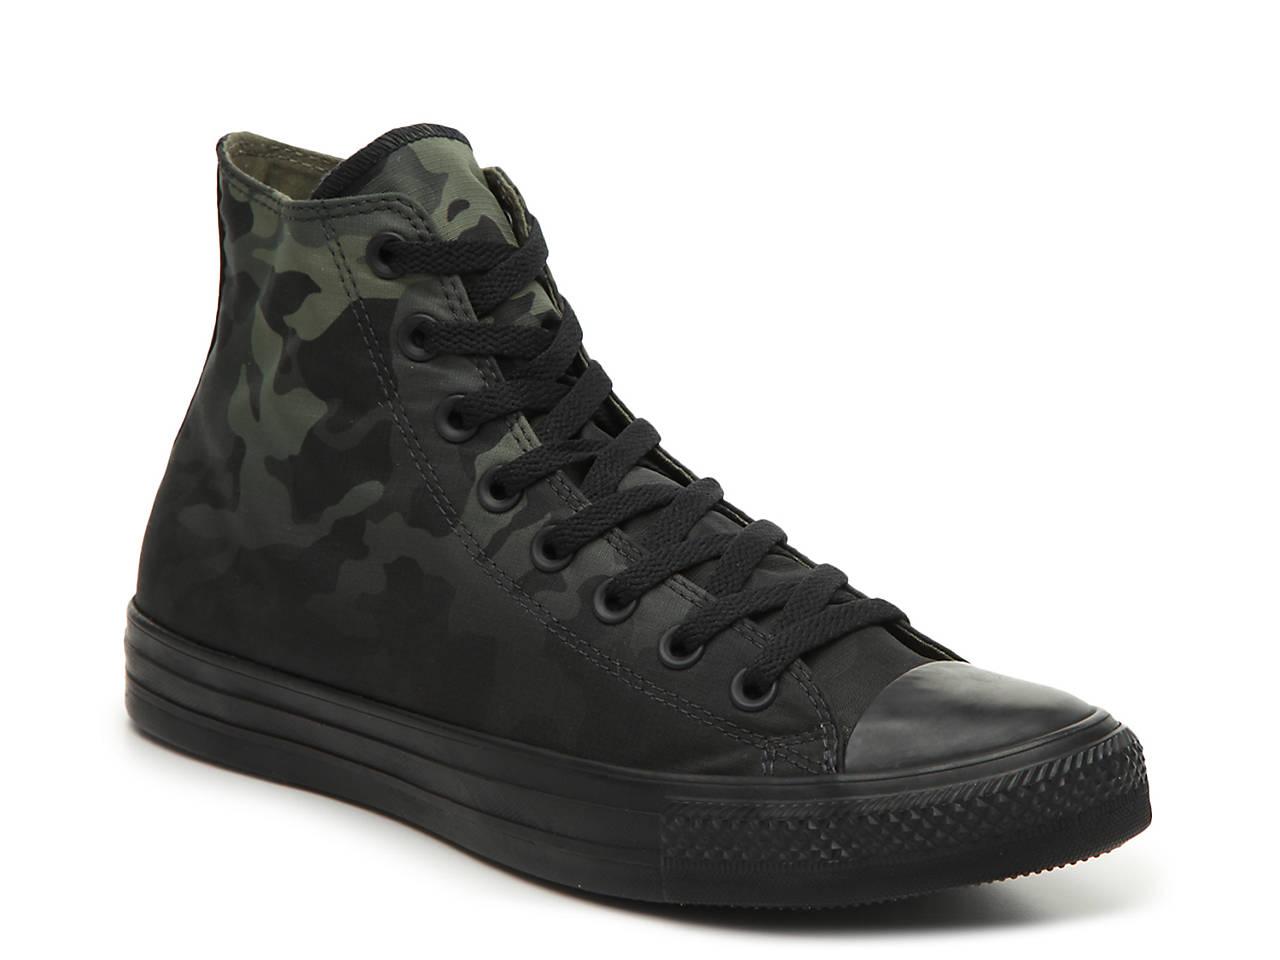 408e67c080a6 Converse Chuck Taylor All Star Hi Camo High-Top Sneaker - Women s ...